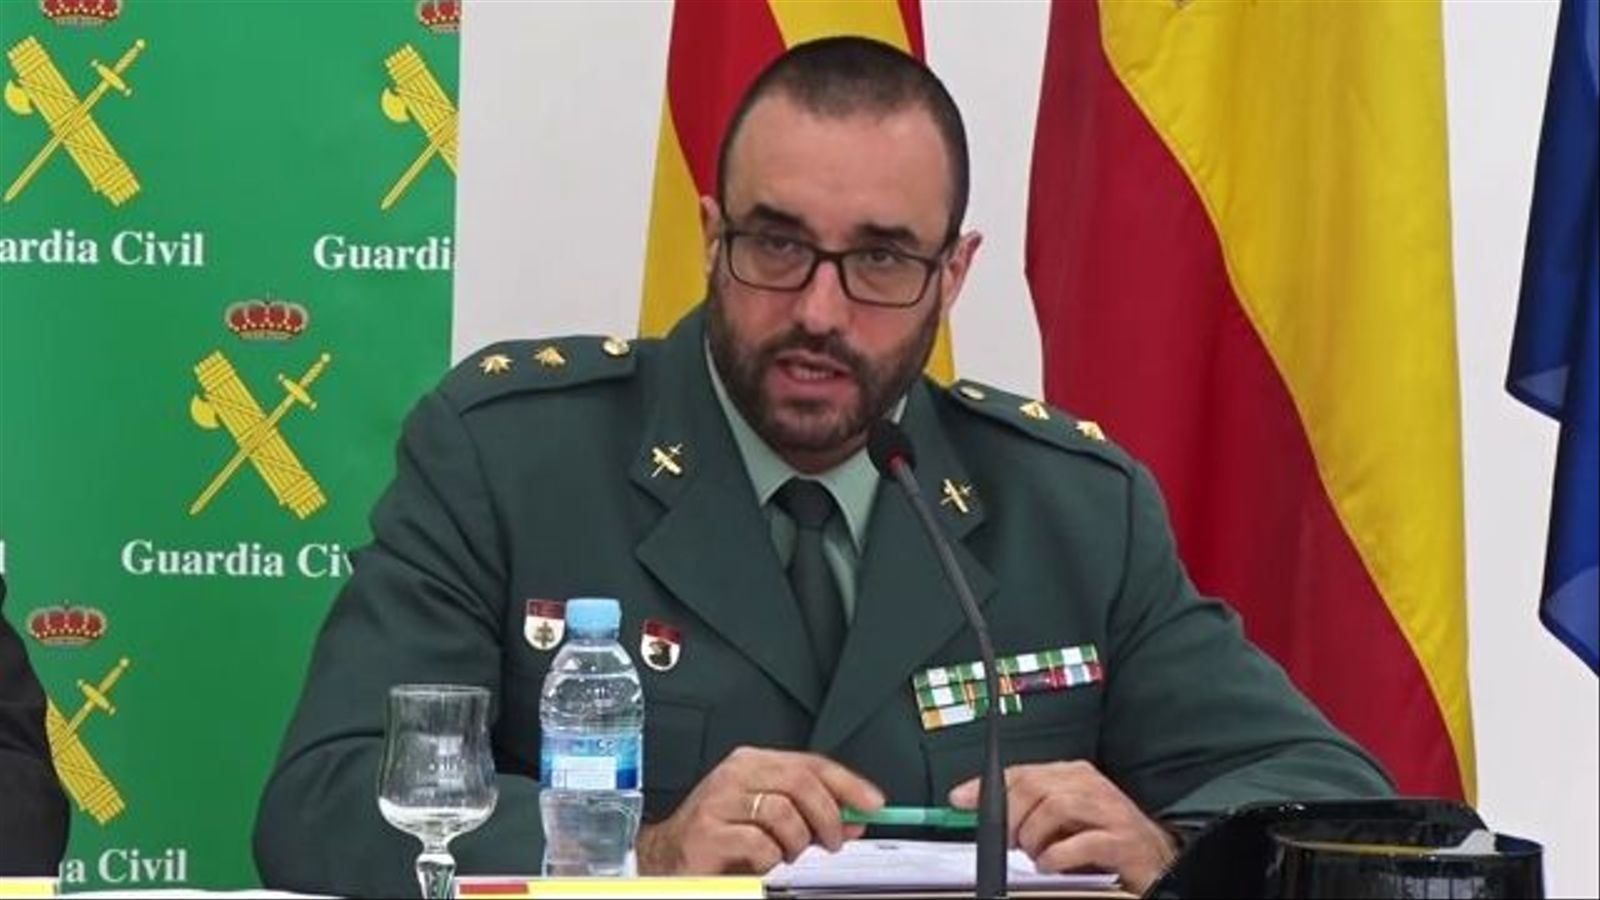 El coronel cap de la Policia Judicial de la Guàrdia Civil a Catalunya, Daniel Baena, explica l'operació antidroga a Torrelles de Foix